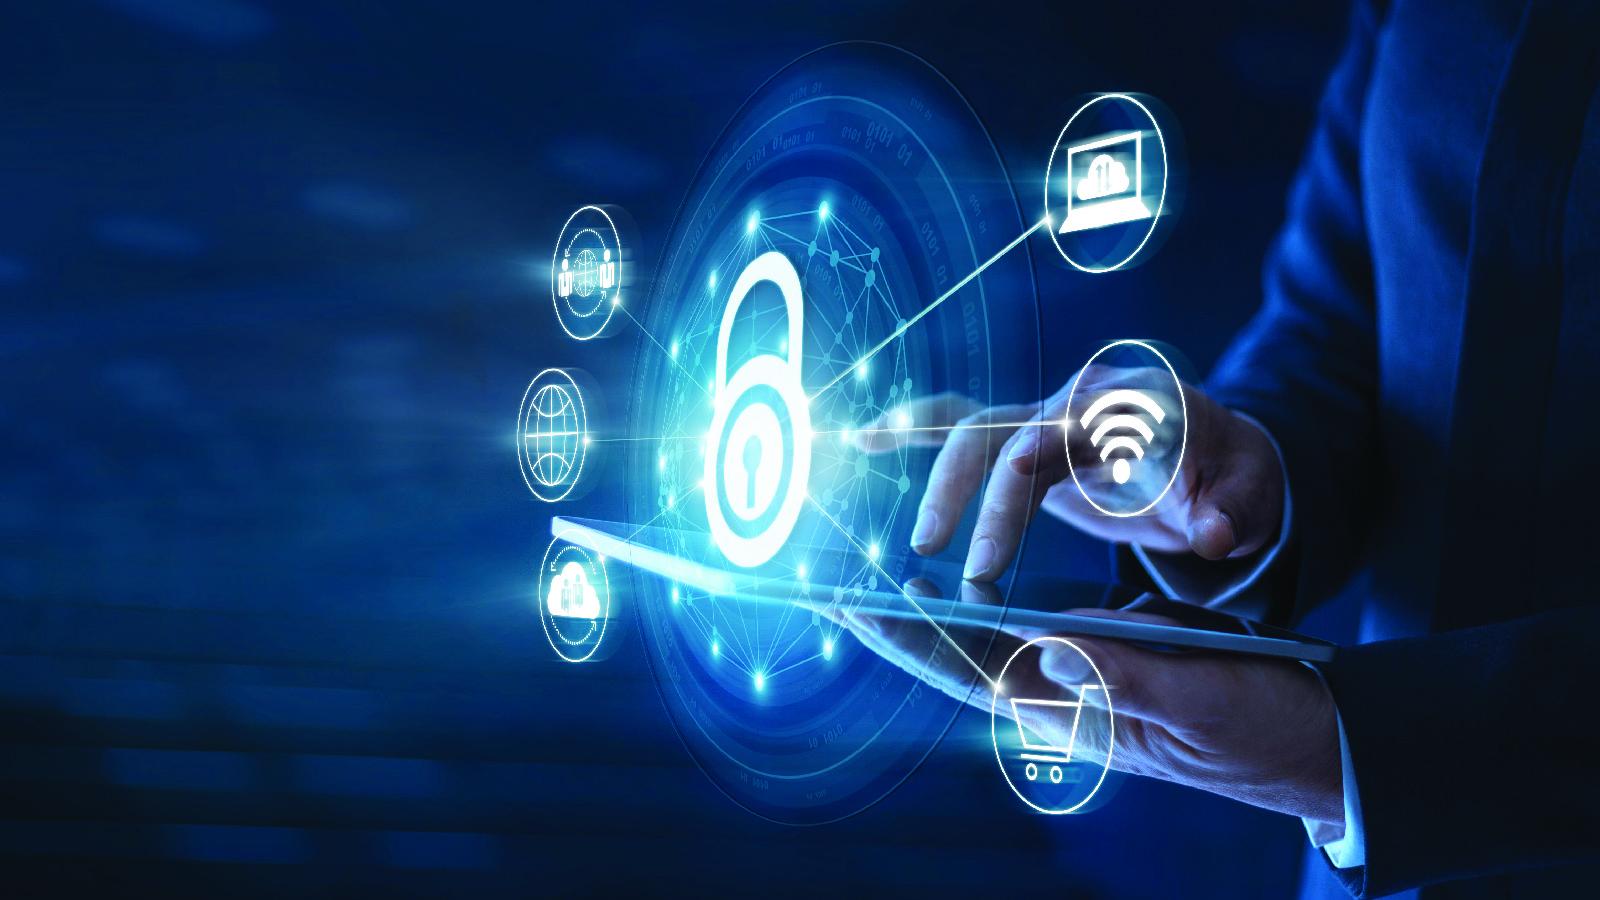 Κυβερνοχώρος επιχειρήσεις χάκερς: Οι τάσεις των εταιριών για ασπίδα στις κυβερνοεπιθέσεις